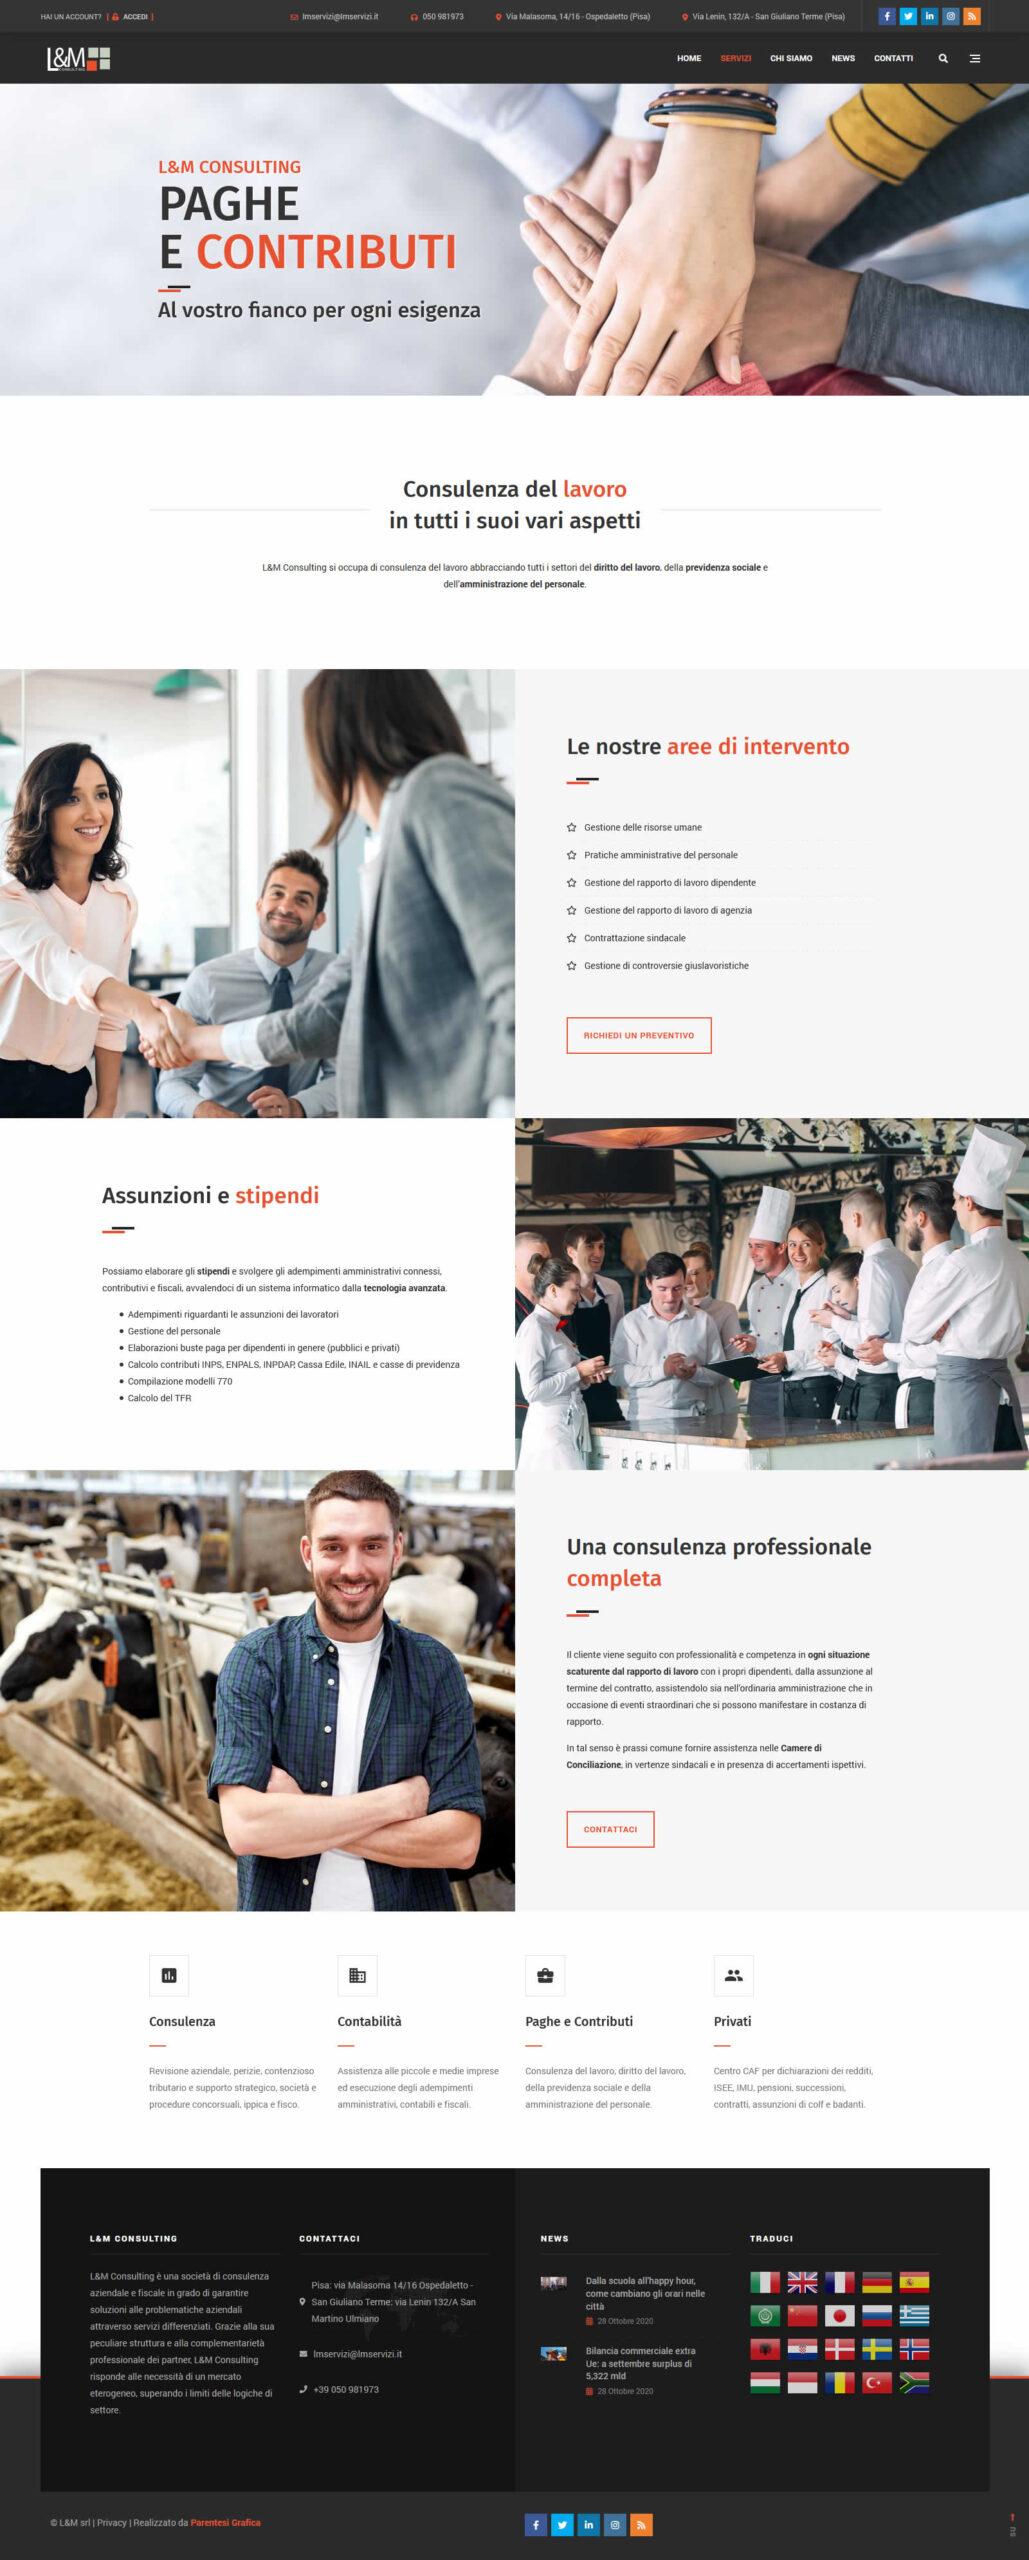 Sito web L&M Consulting - paghe e contributi